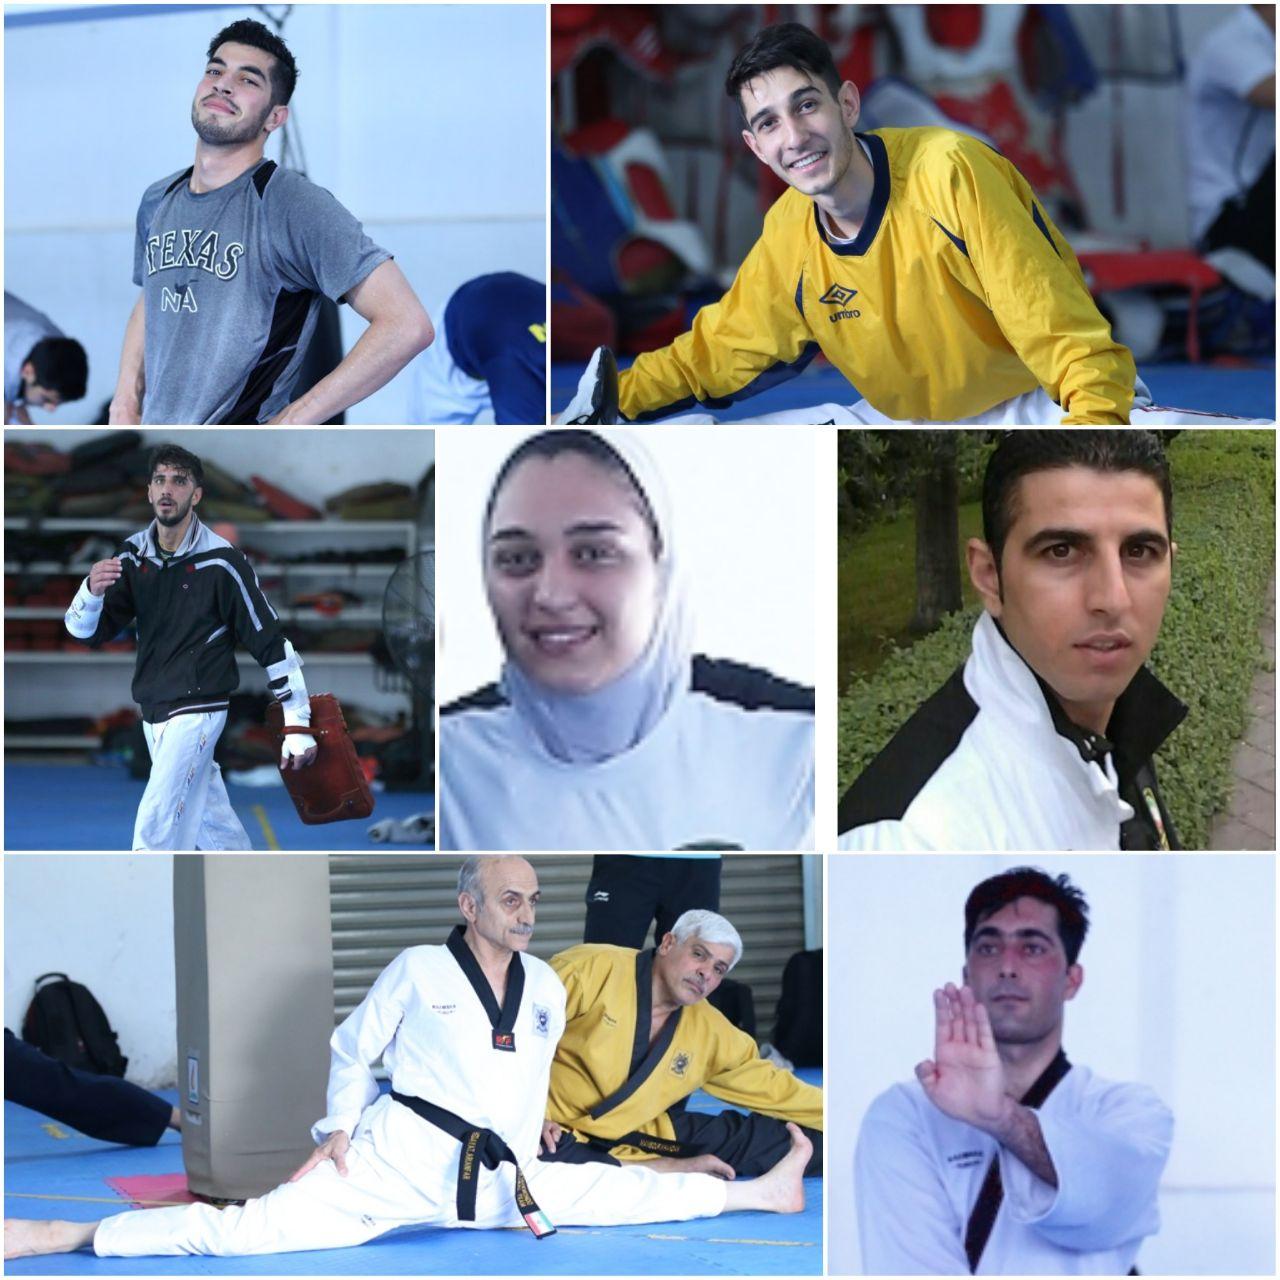 تکواندو خوش زرق و برق مازندران در رقابتهای آسیایی/۷ تکواندوکار ۷ مدال